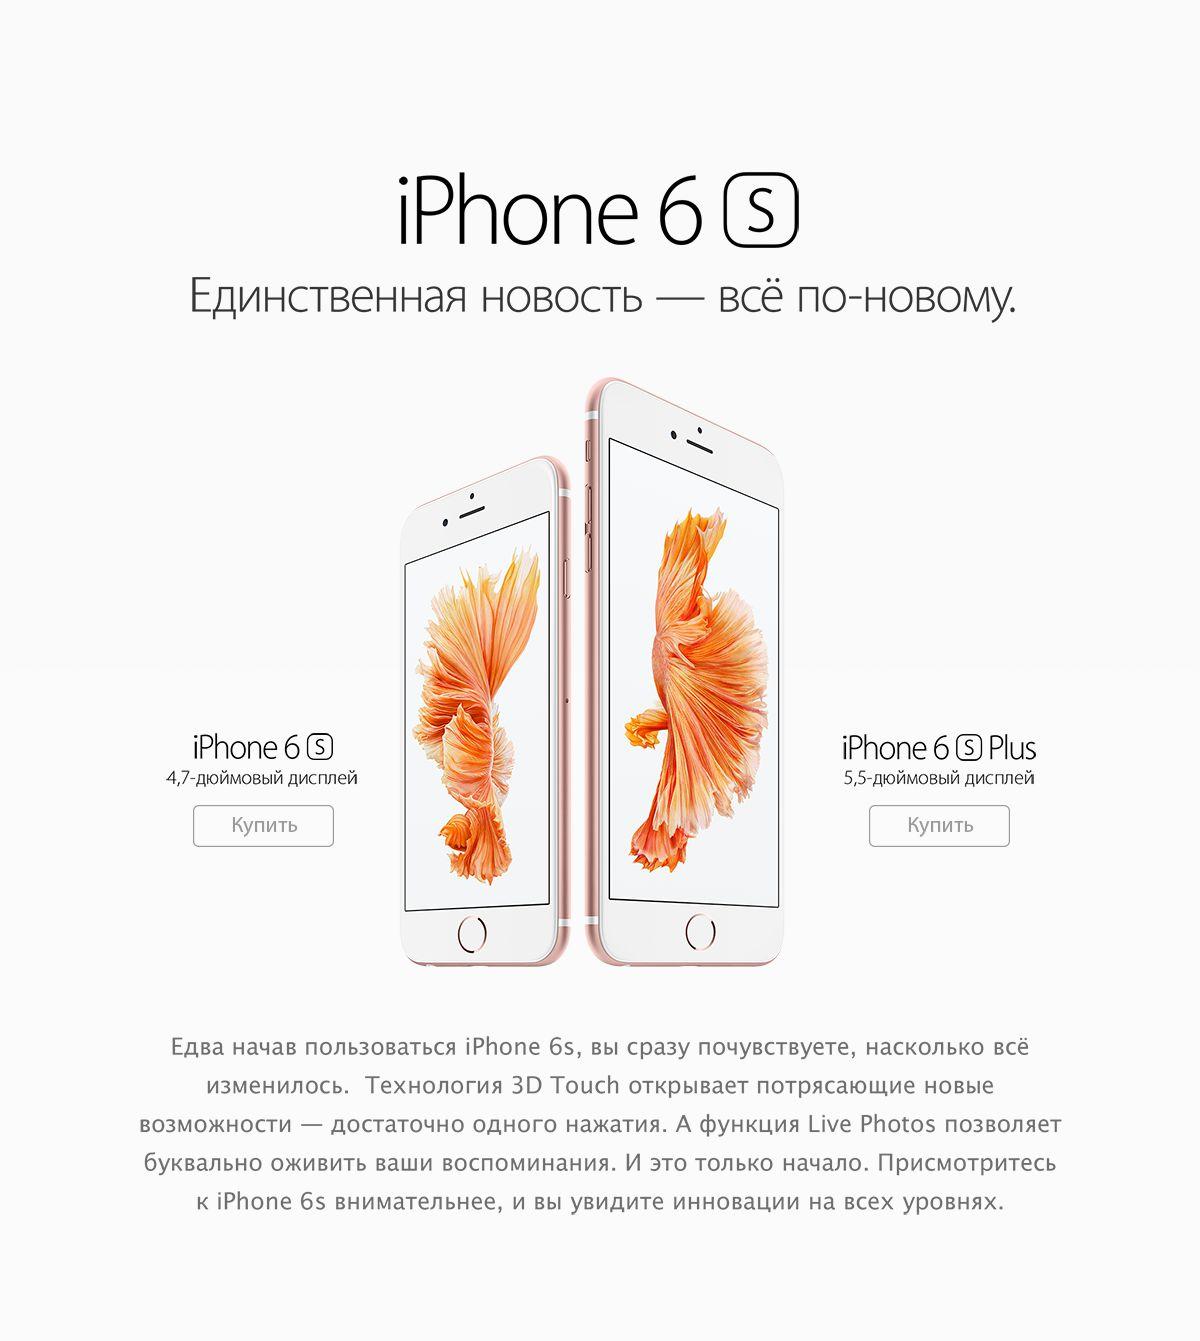 Купить айфон 6 s в курске лучшие цены айфон 6 у купить киев